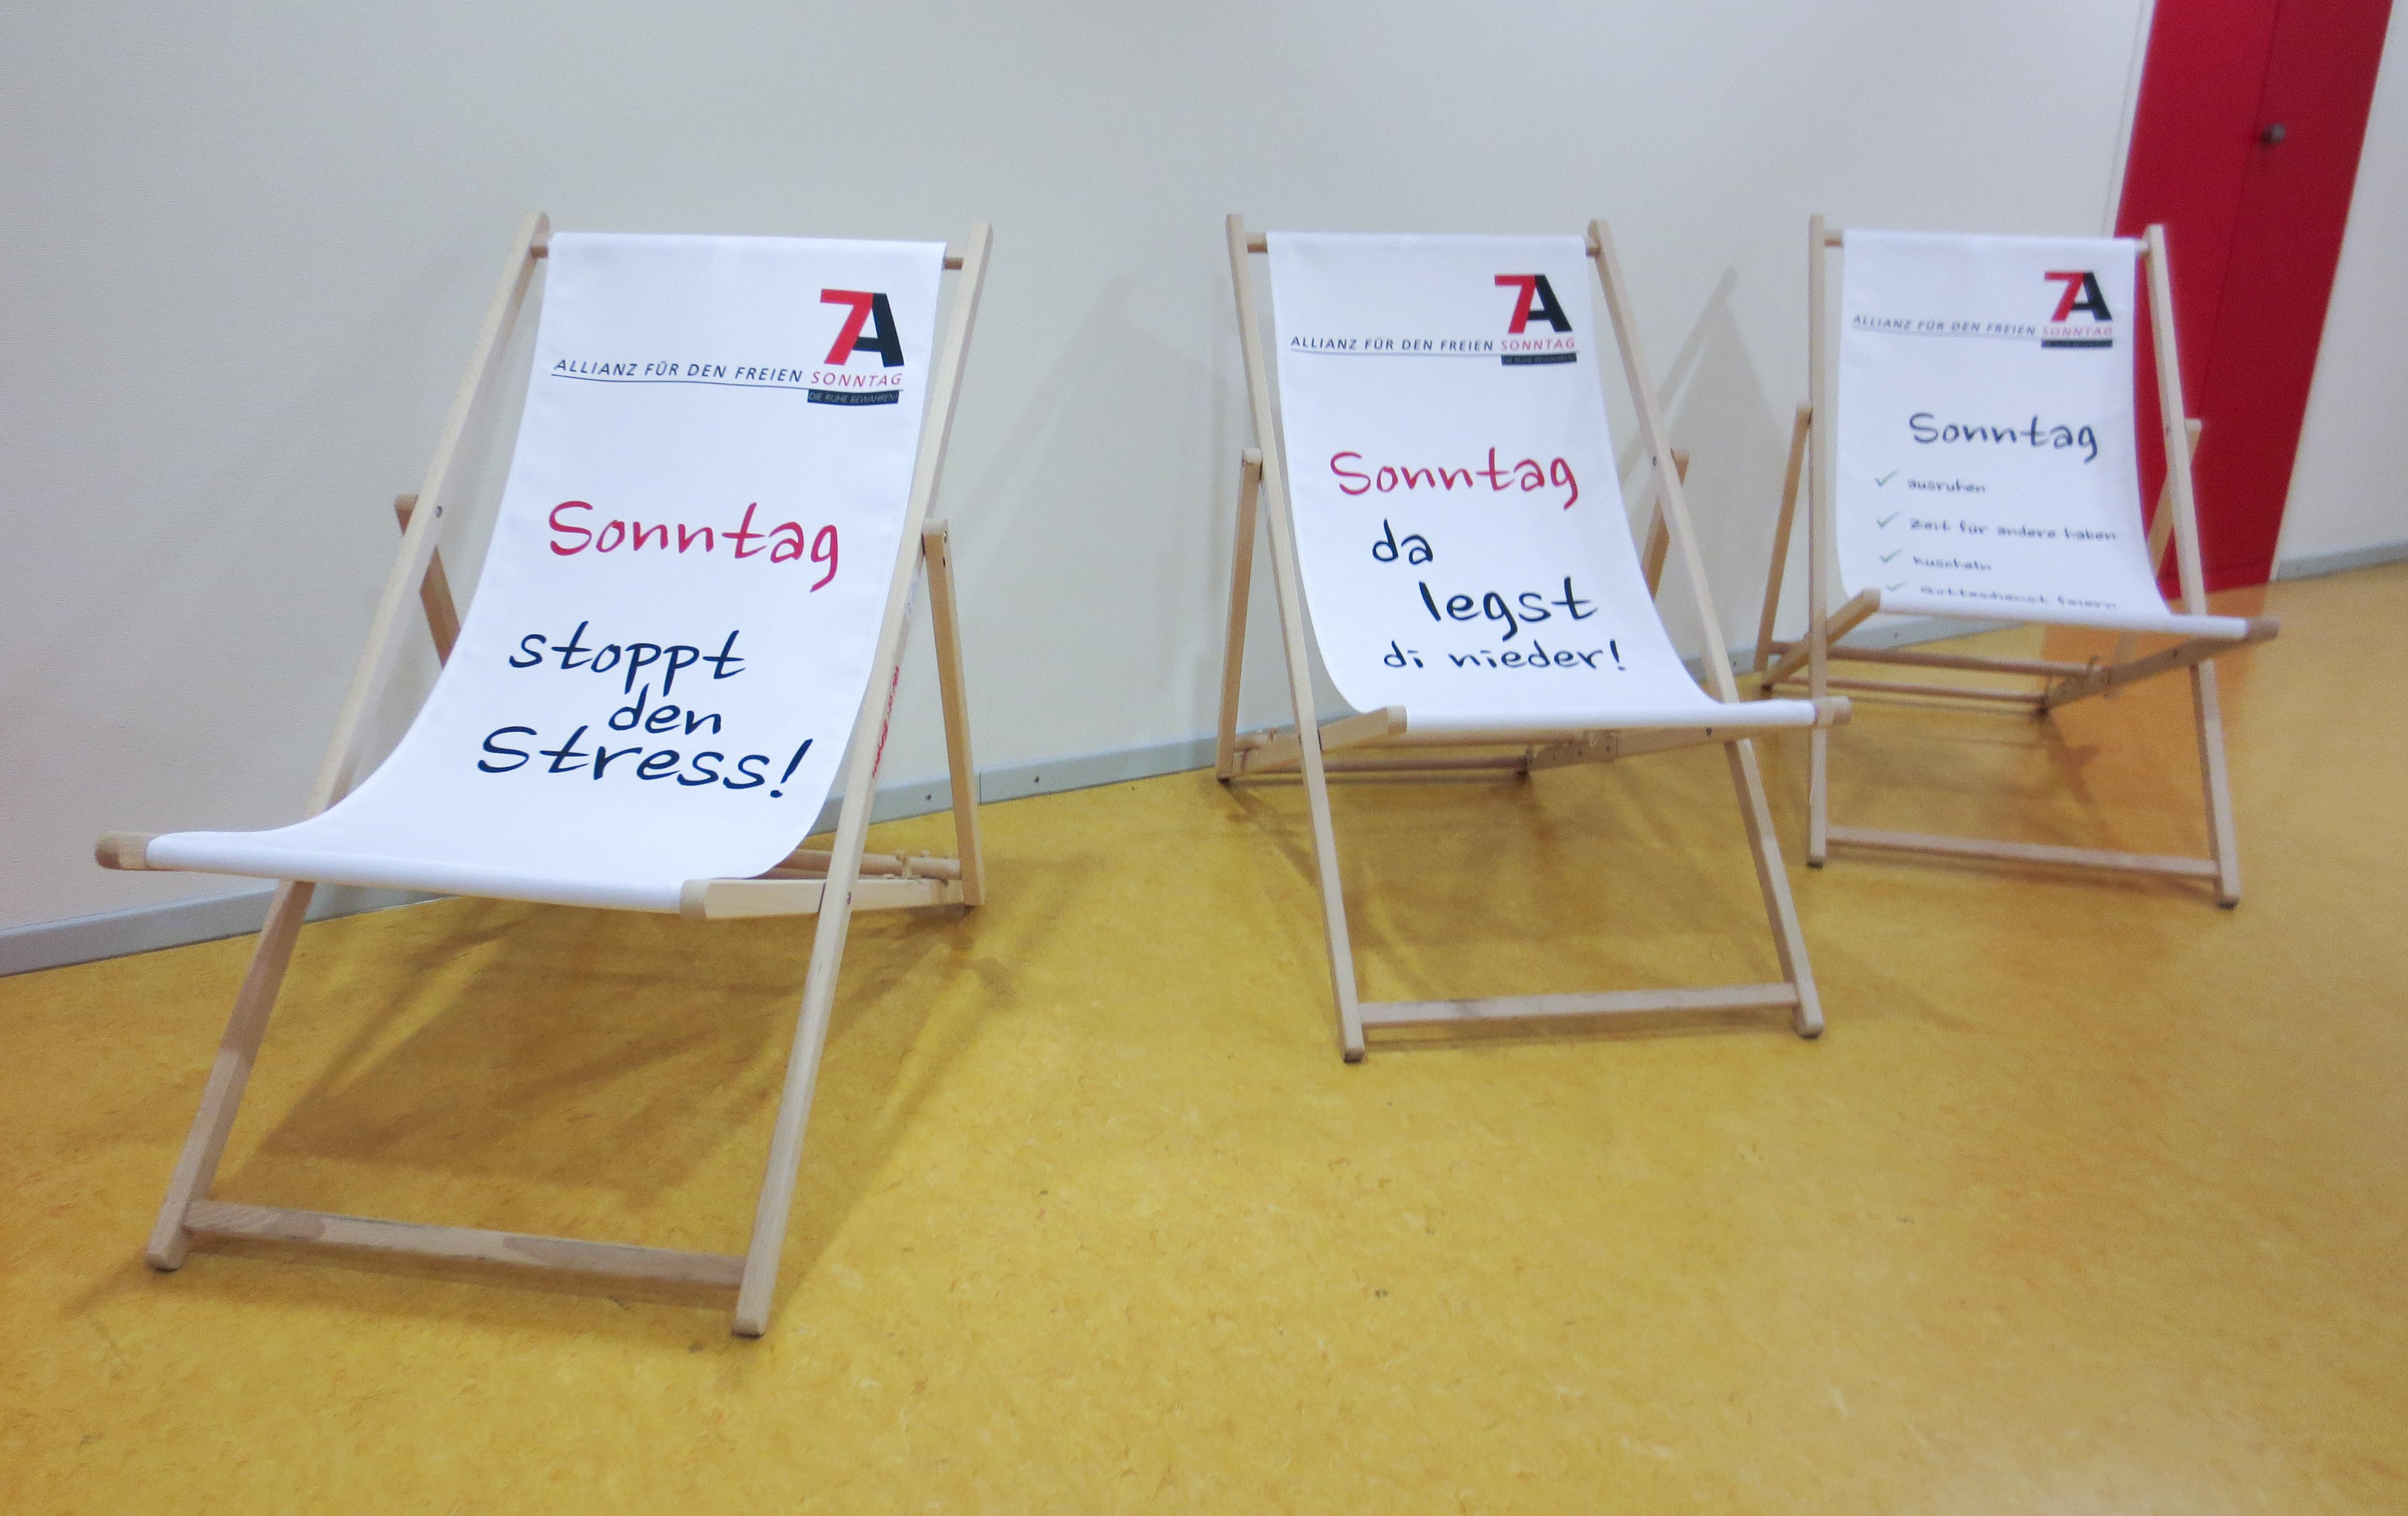 Liegestühle  File:Sonntagsallianz - Liegestühle bei Verdi 003.jpg - Wikimedia ...